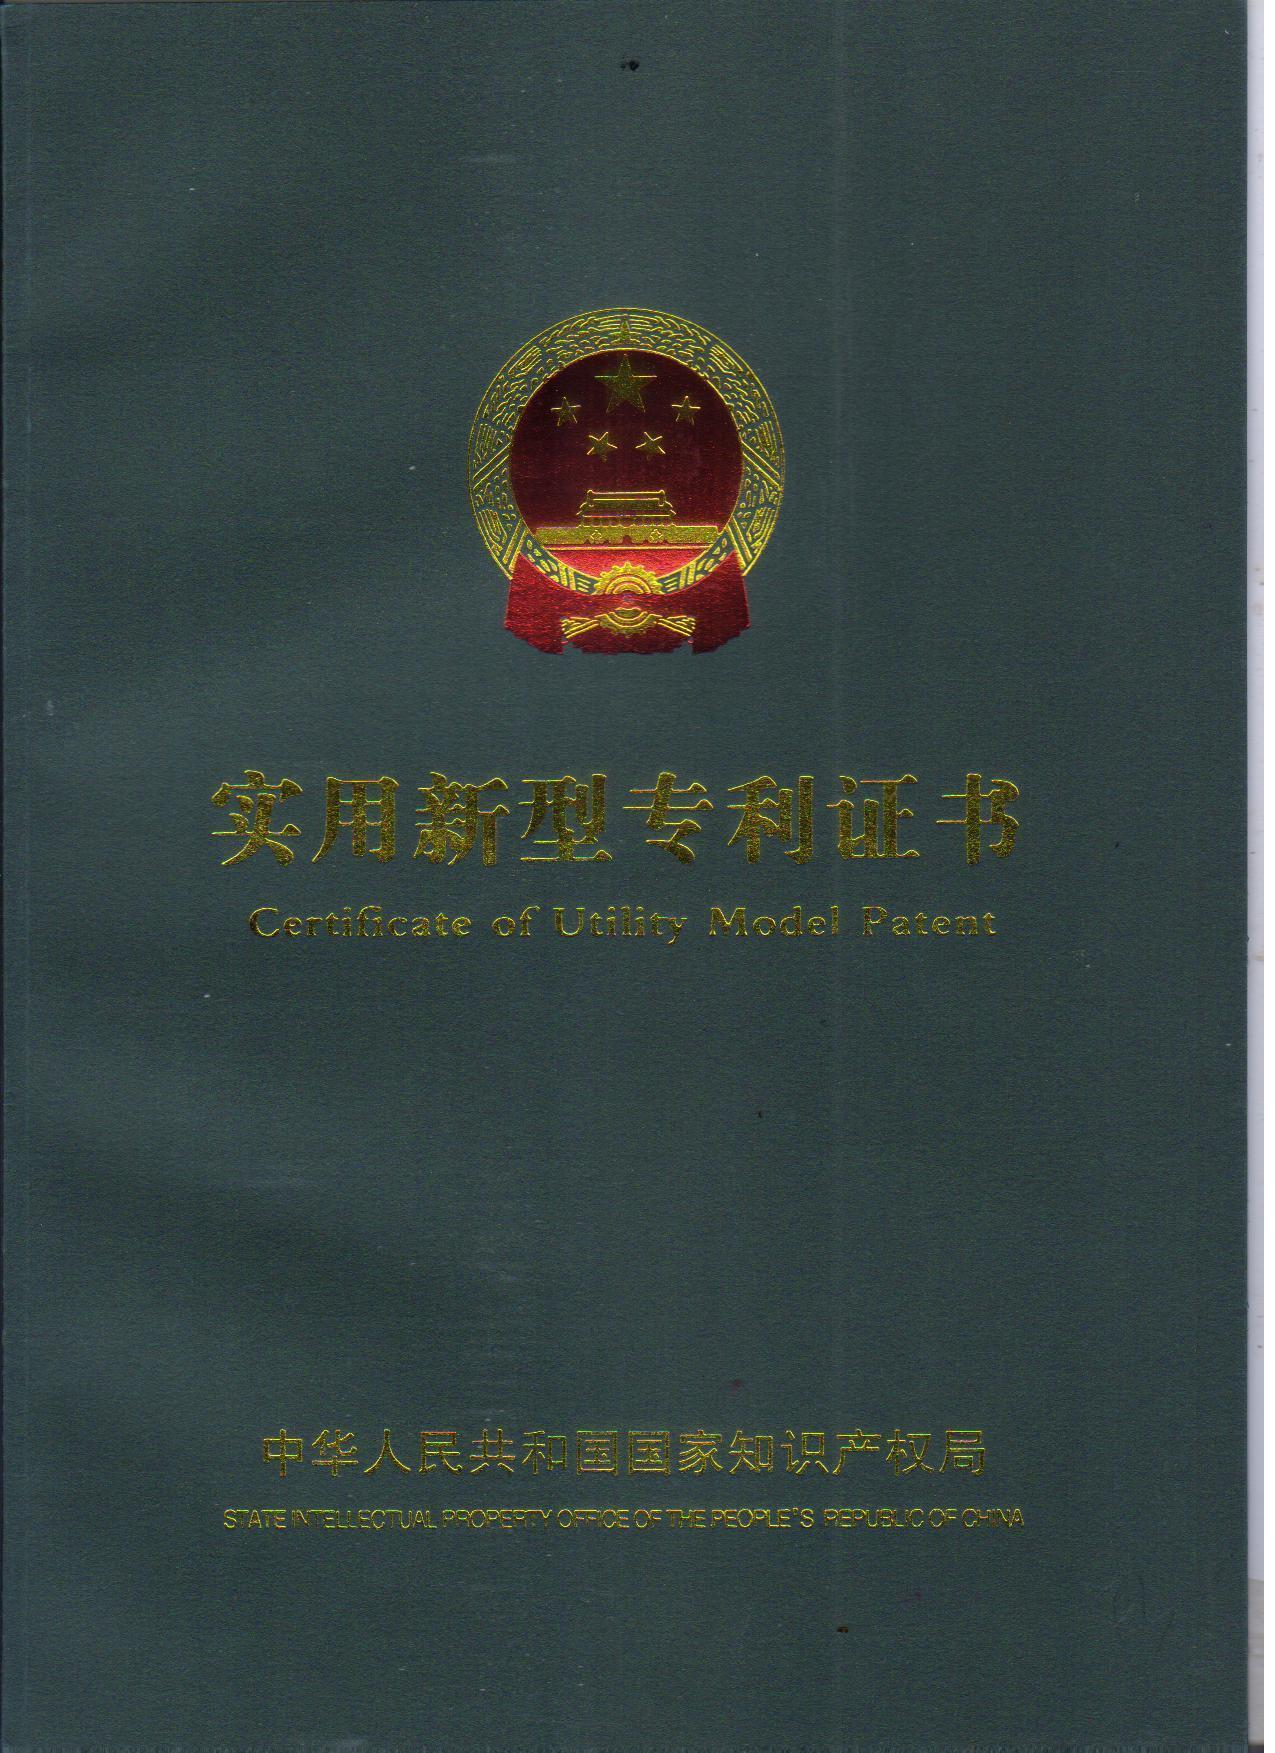 深圳弹簧厂通过新型弹簧专利申请